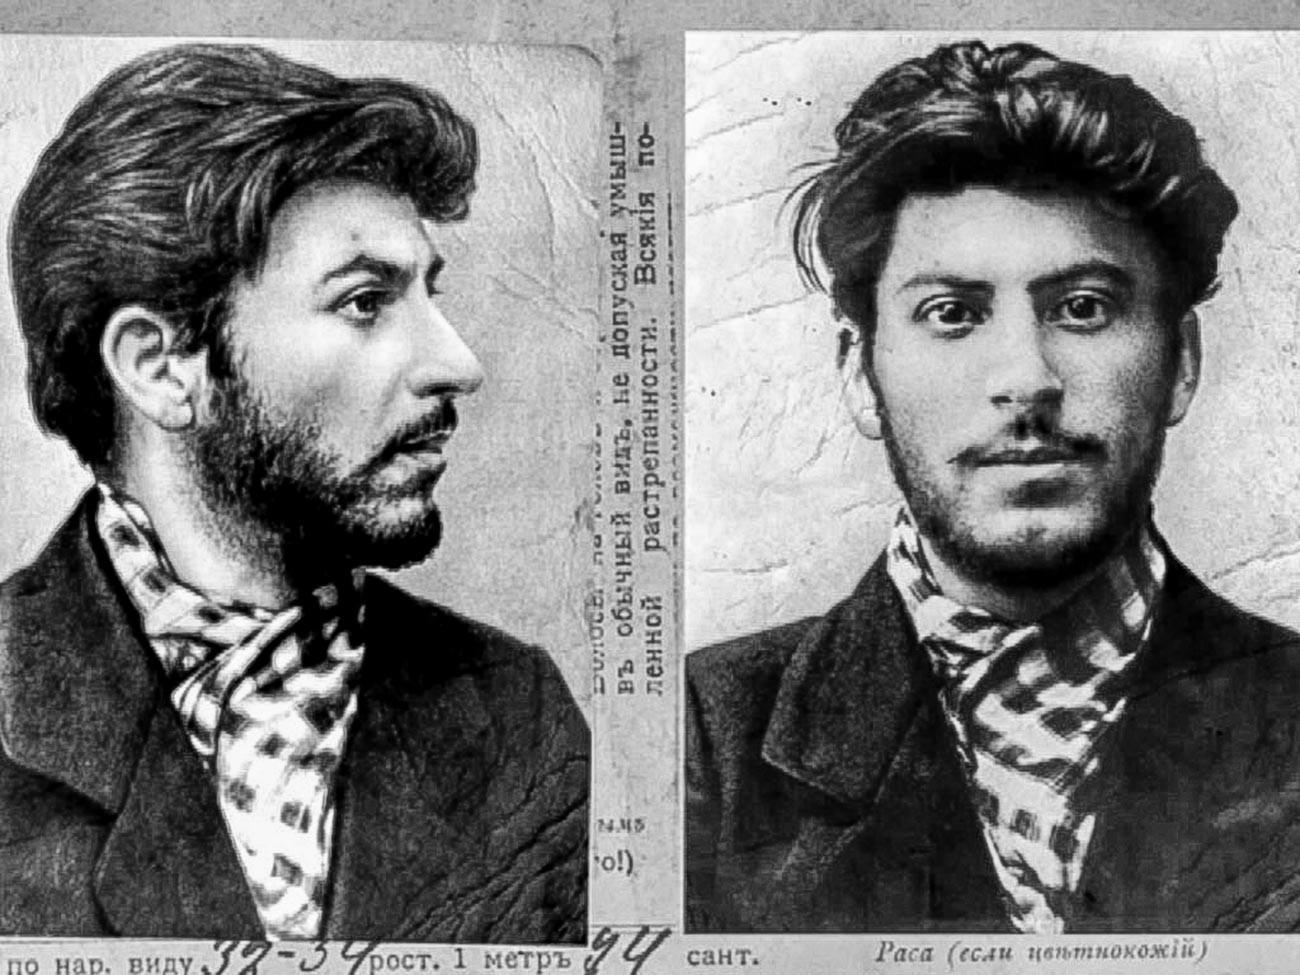 23-годишњи Стаљин, полицијски досије, 1902.